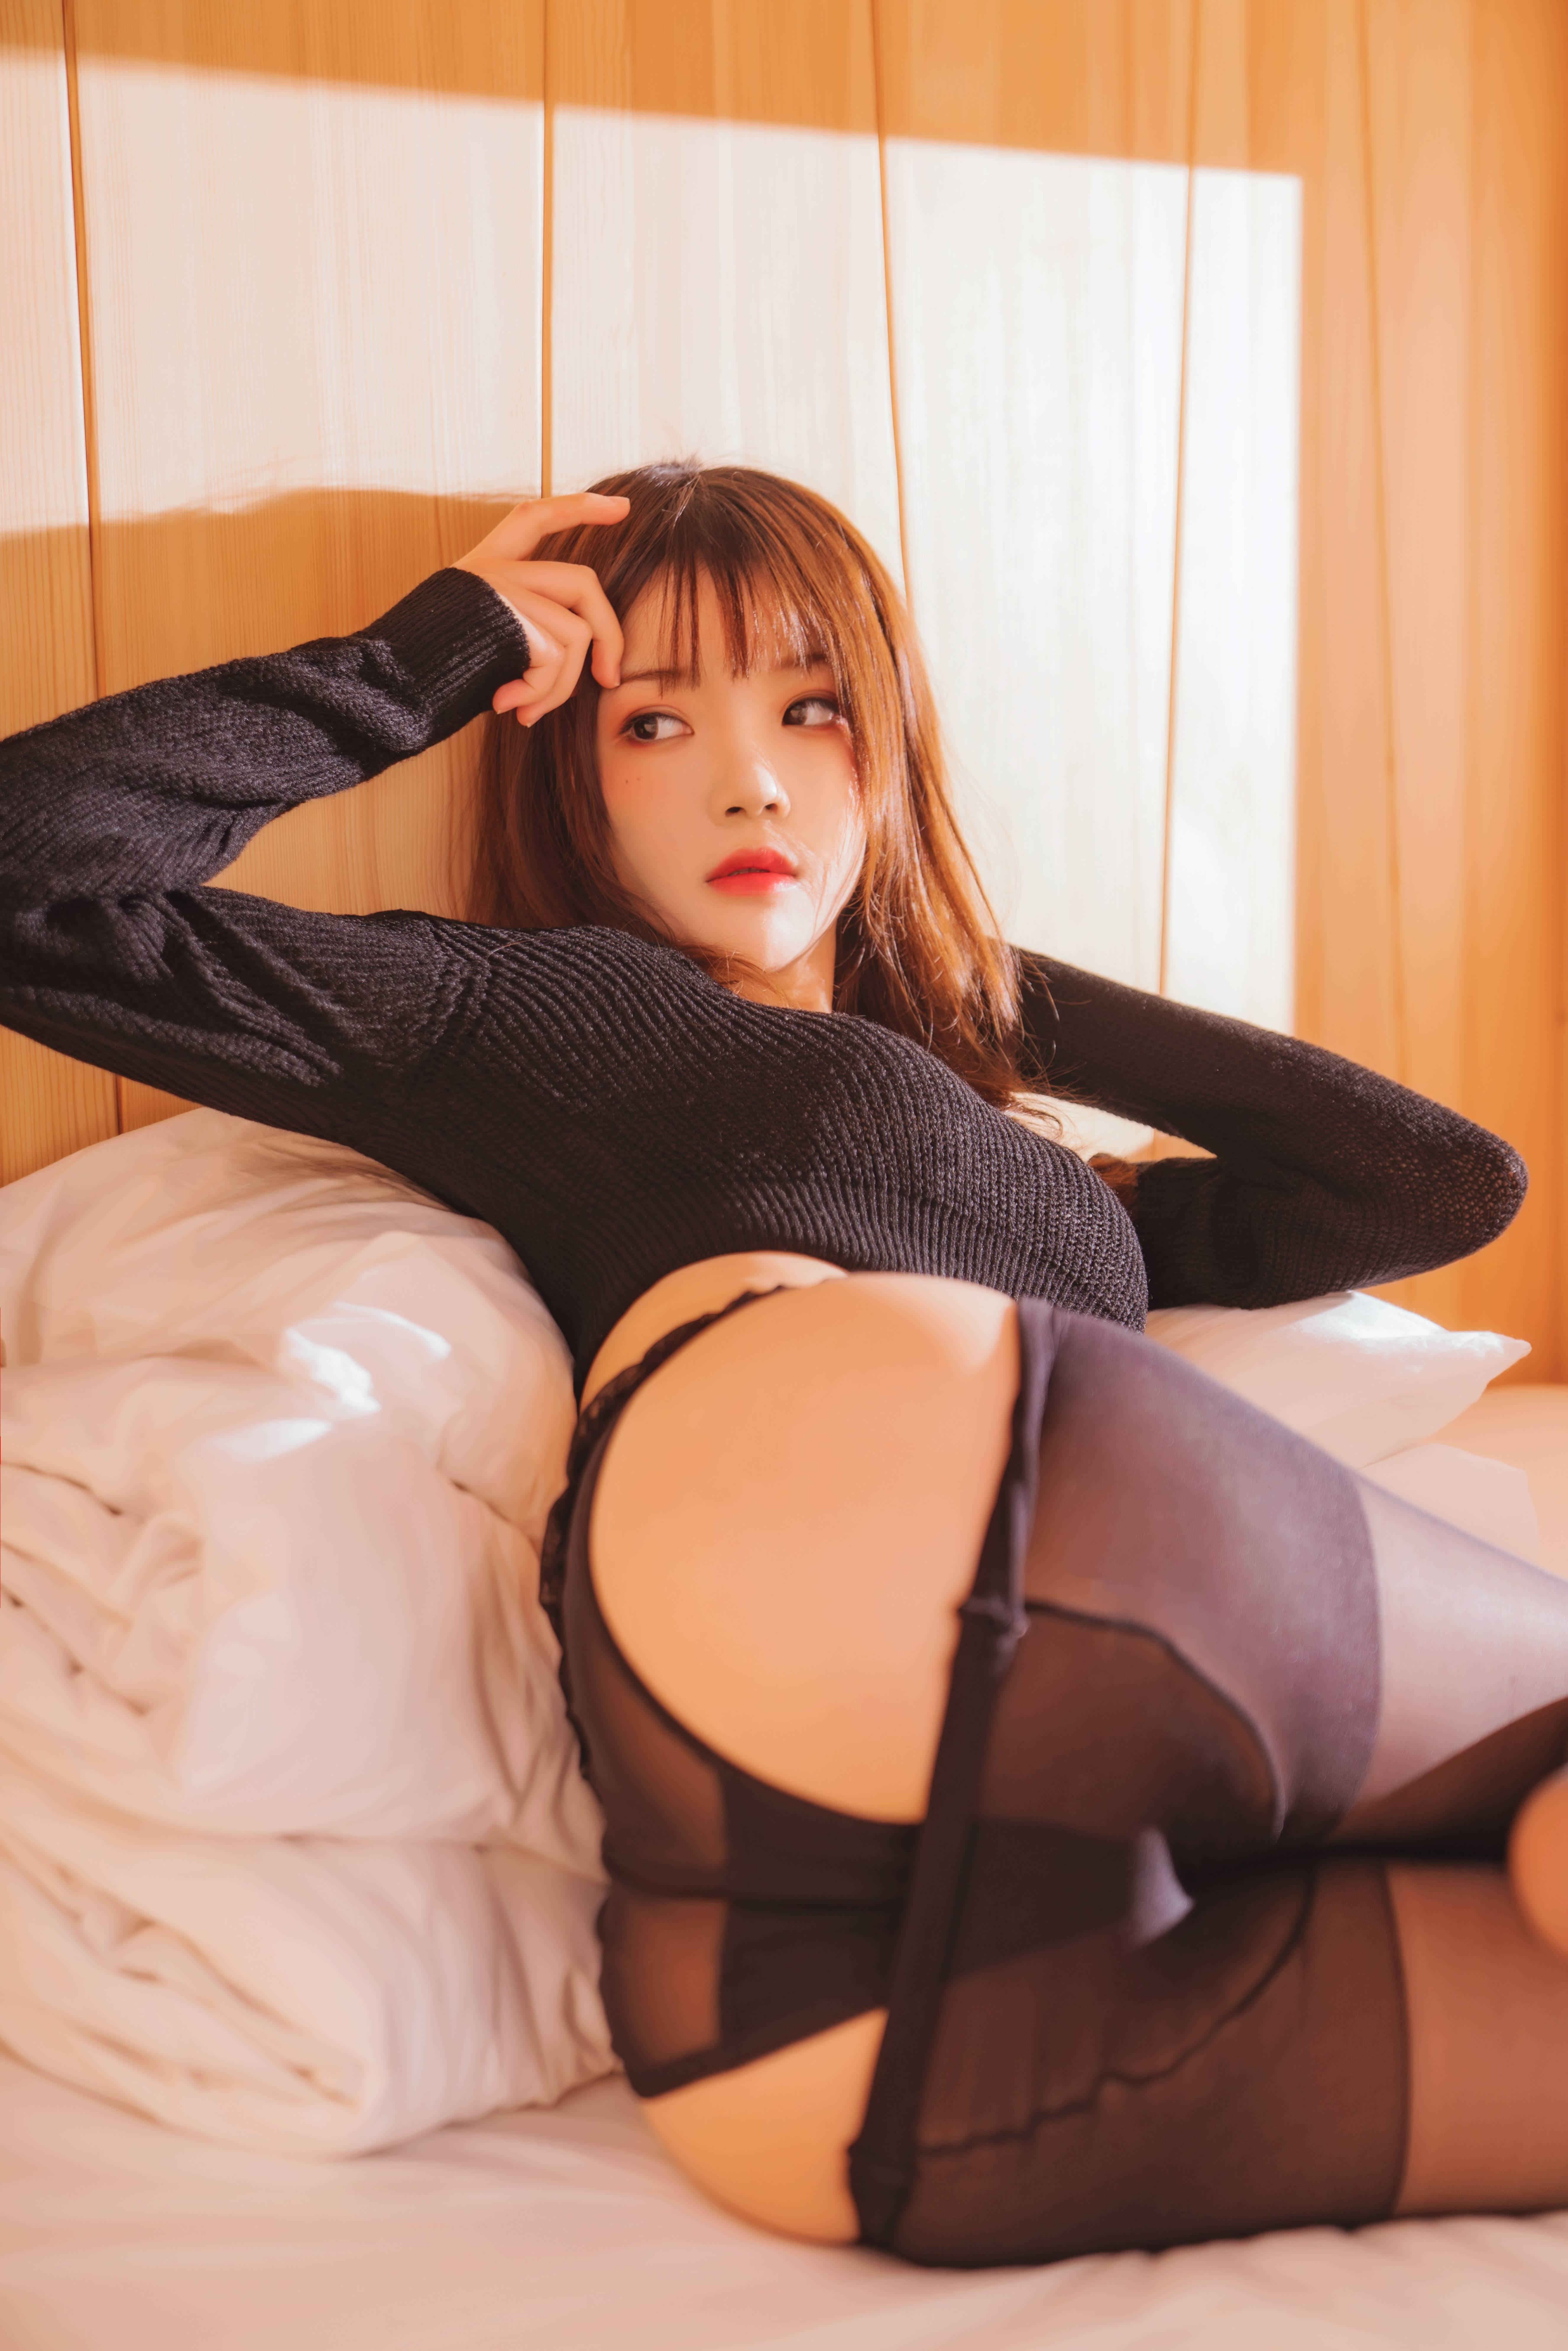 桜桃喵 - 小黑 (魅从何处生?是不是就喜欢她这个基调呢?哈哈)